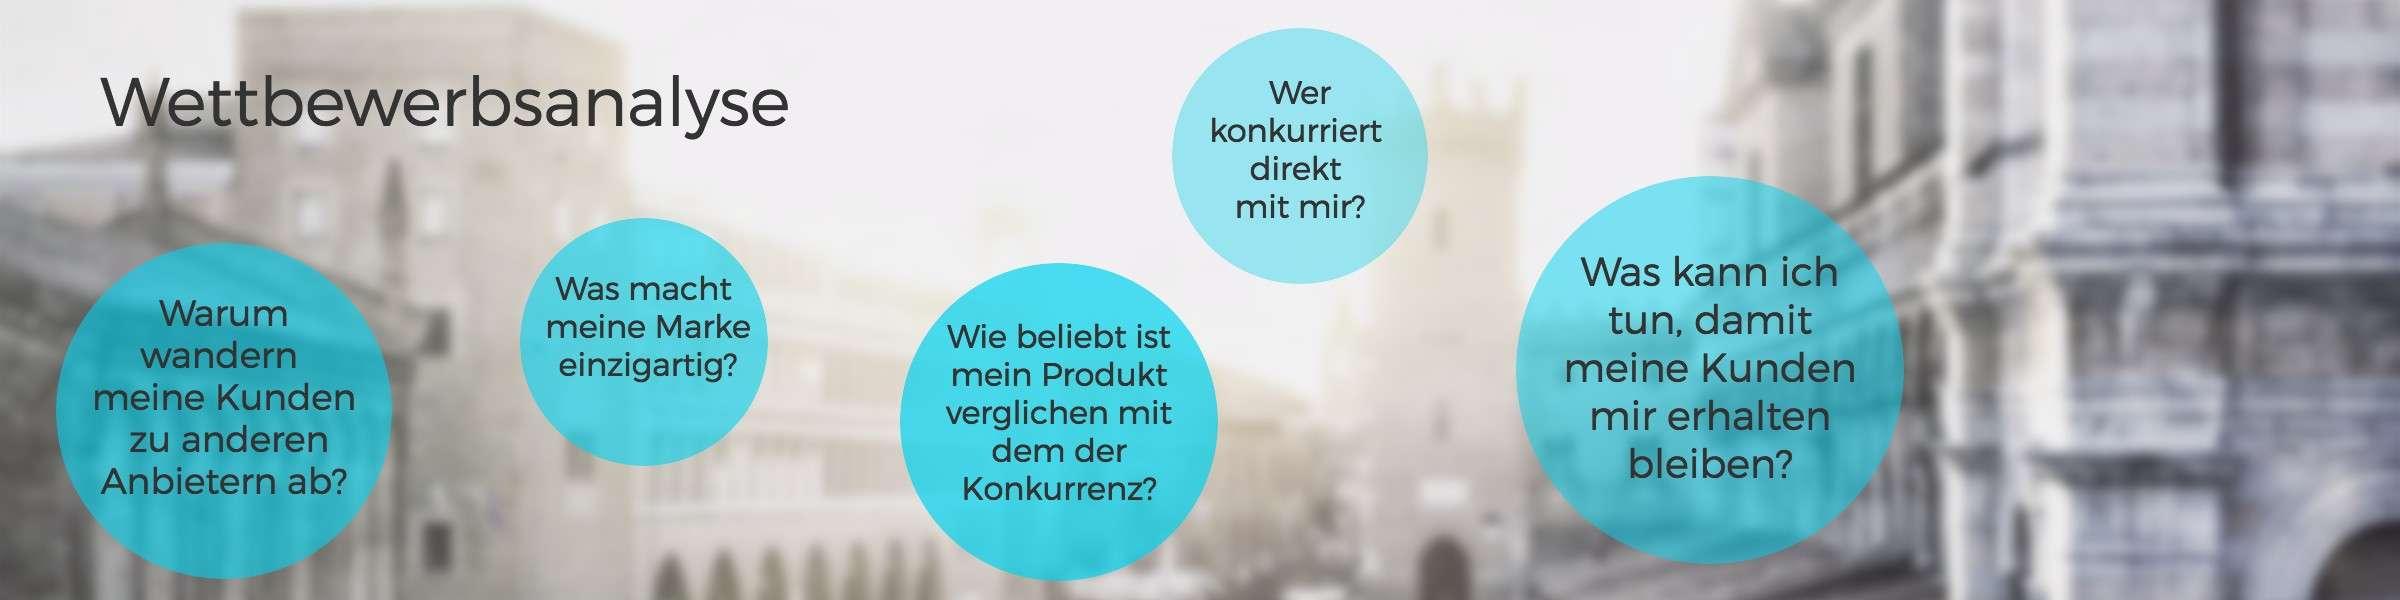 Wetbewerbsanalyse_Grafik_Fragen.jpg